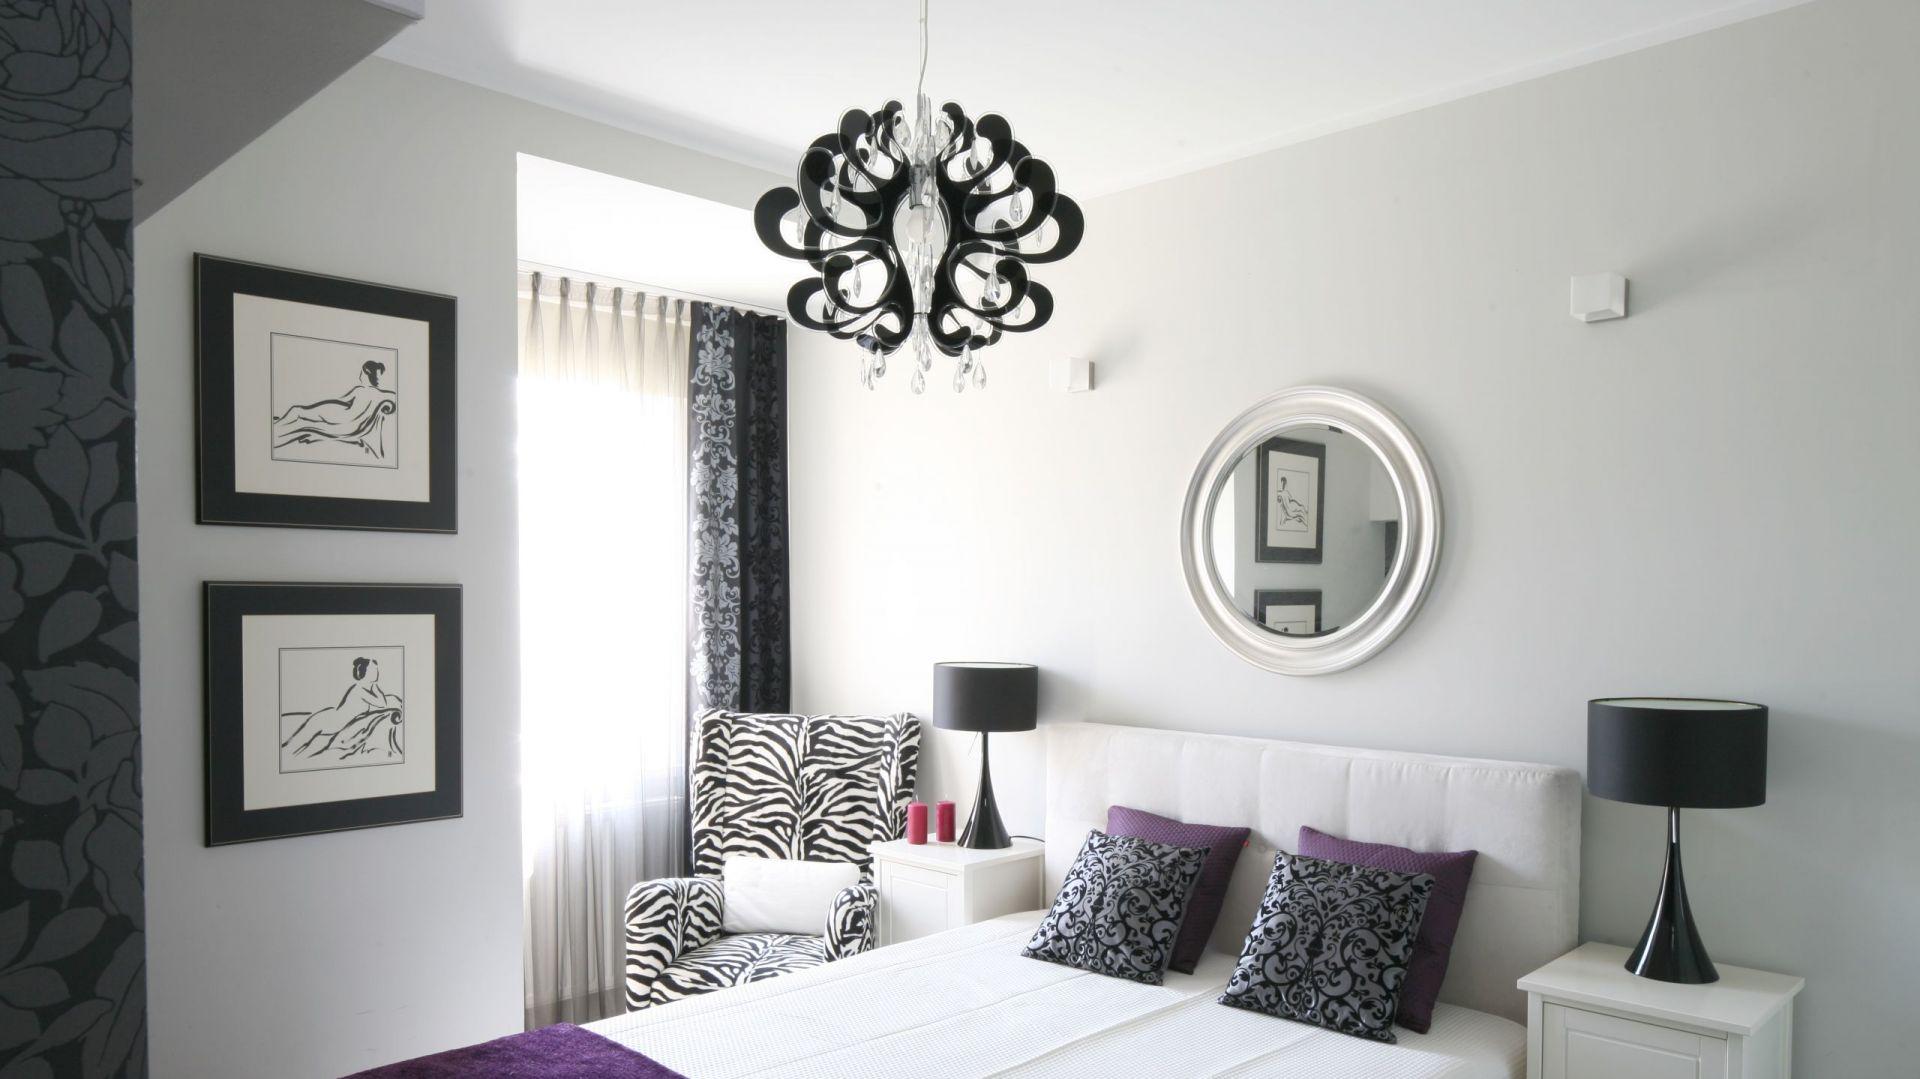 Elegancka sypialnia powinna zawierać wiele ciekawych detali. Może to być fikuśny żyrandol, fotel w tkaninie ze zwierzęcym motywem lub grafika na ścianie. Projekt: Małgorzata Galewska. Fot. Bartosz Jarosz